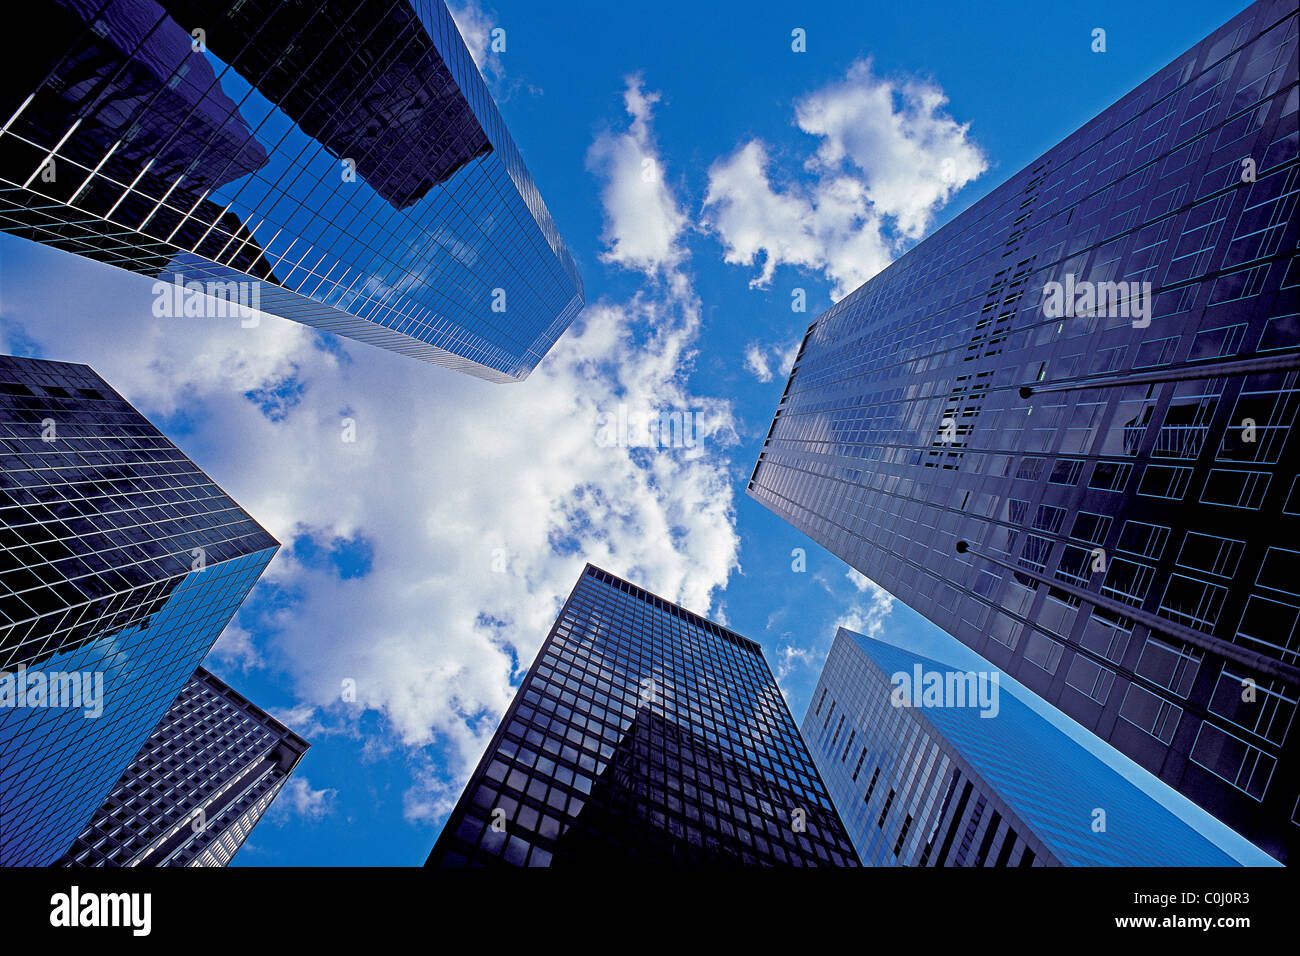 Looking Up Between Modern Skyscrapers In Lower Manhattan